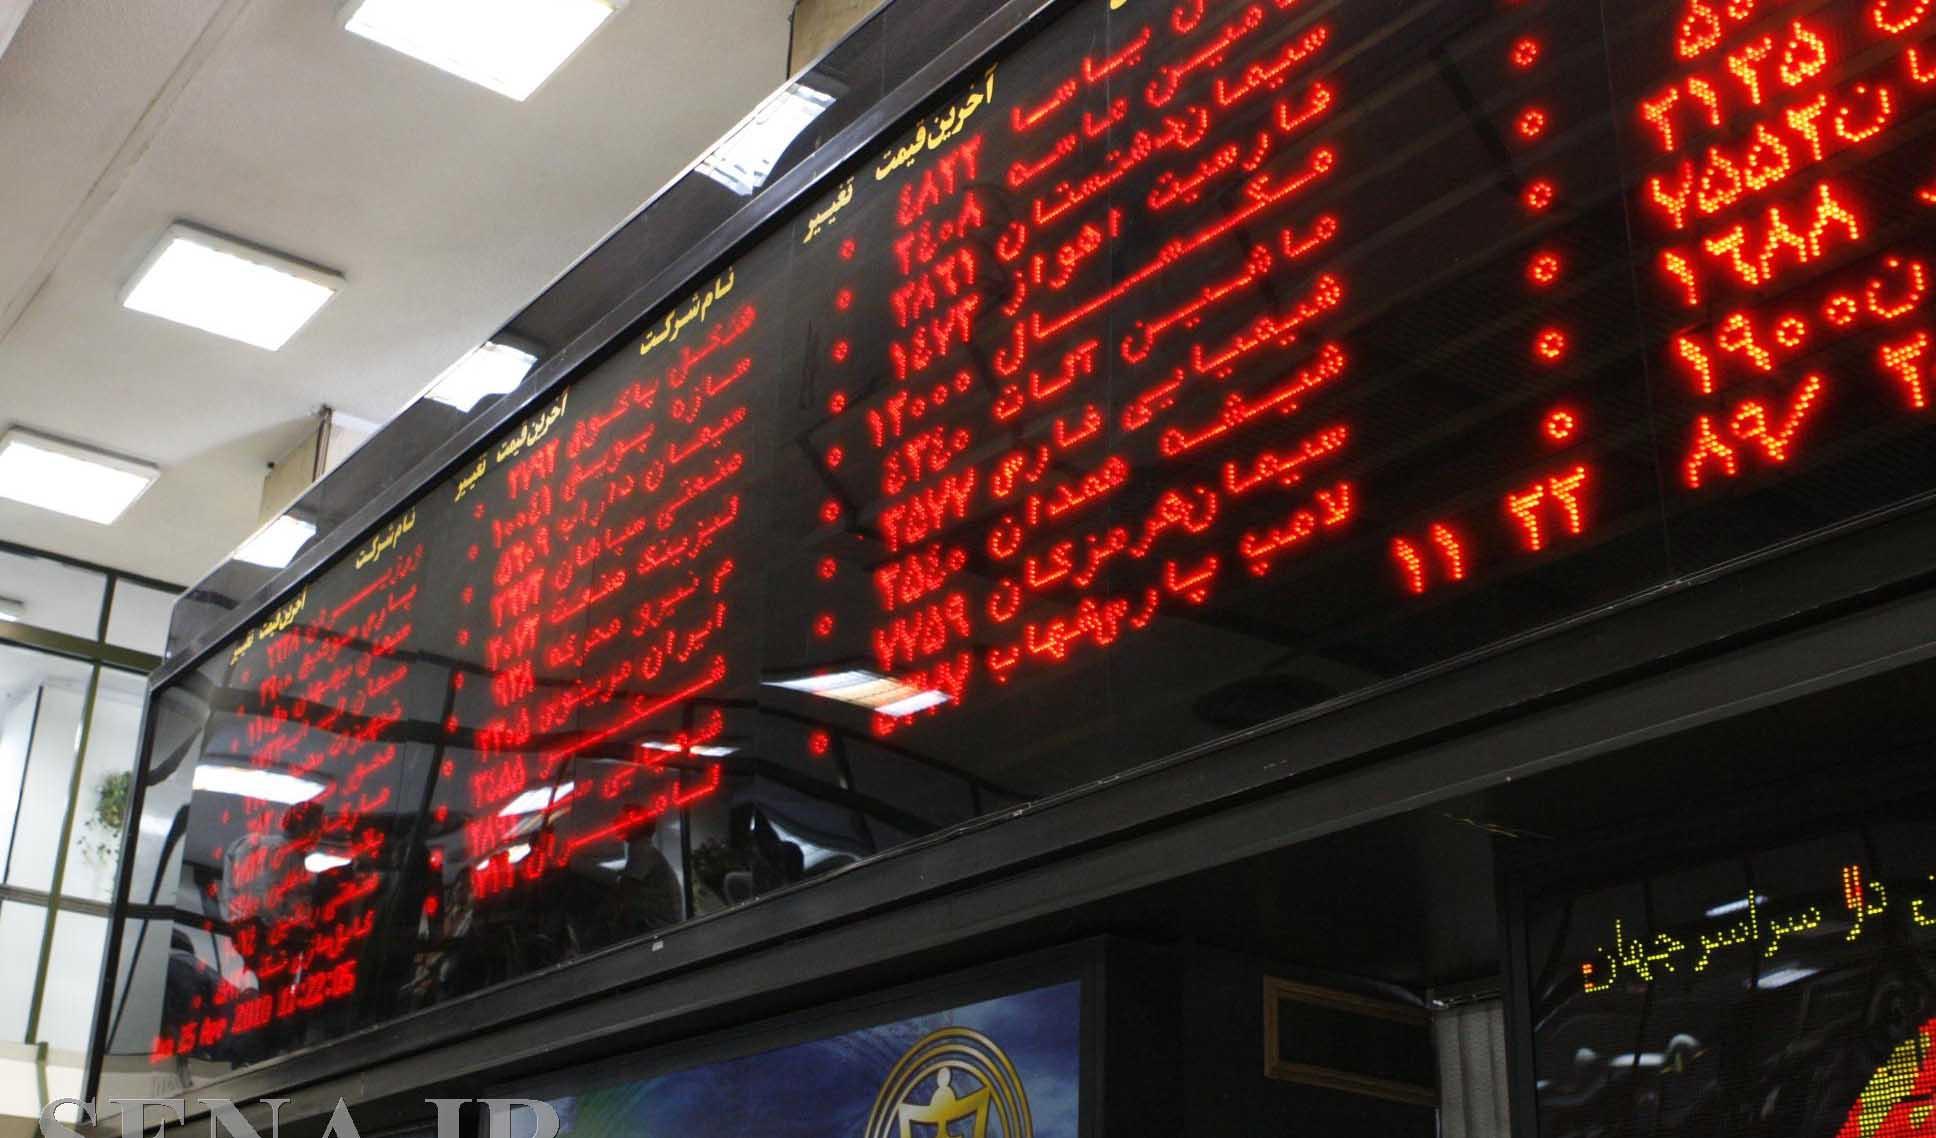 رکورد شکنی بورس تهران با افزایش 1318 واحدی شاخص کل